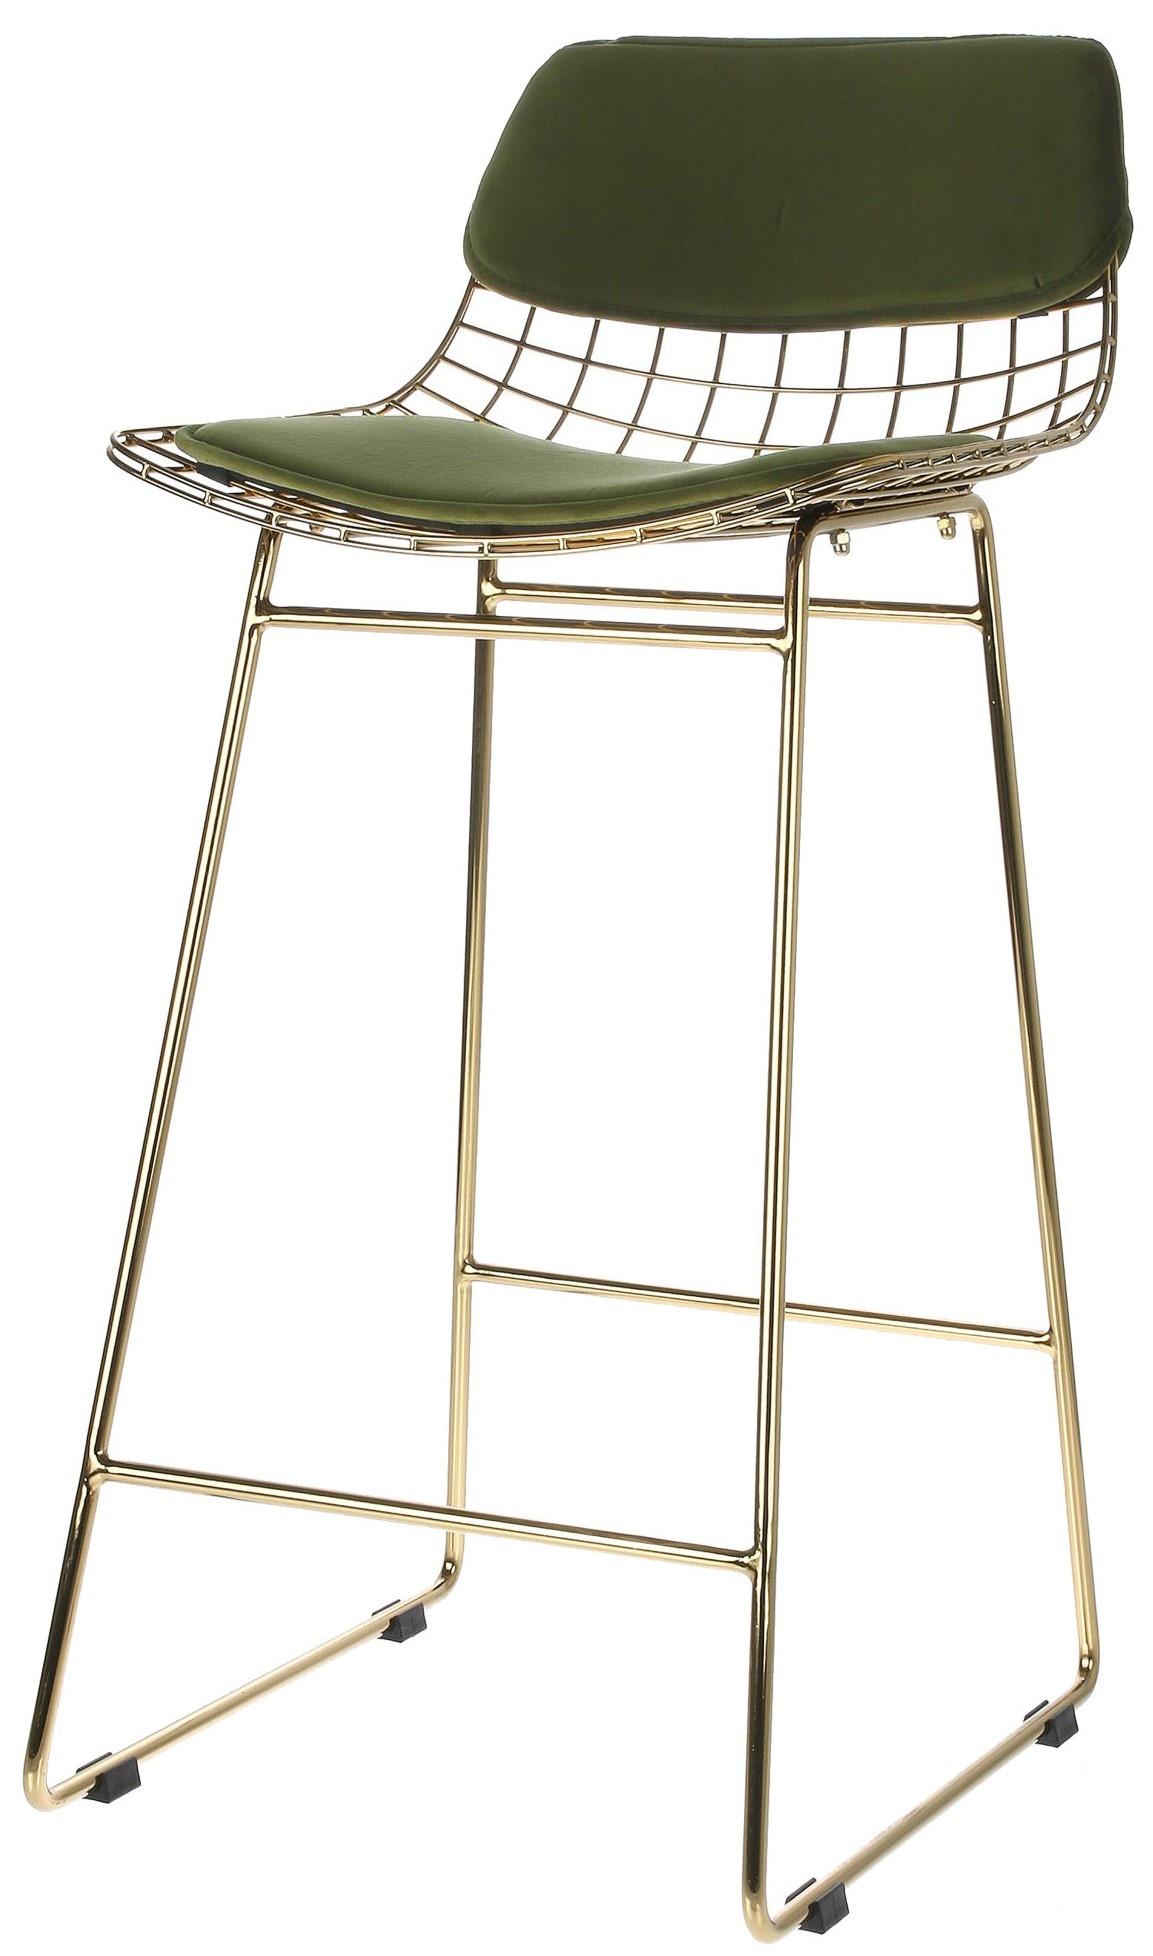 Kussens wire bar stool comfort kit velvet green-2